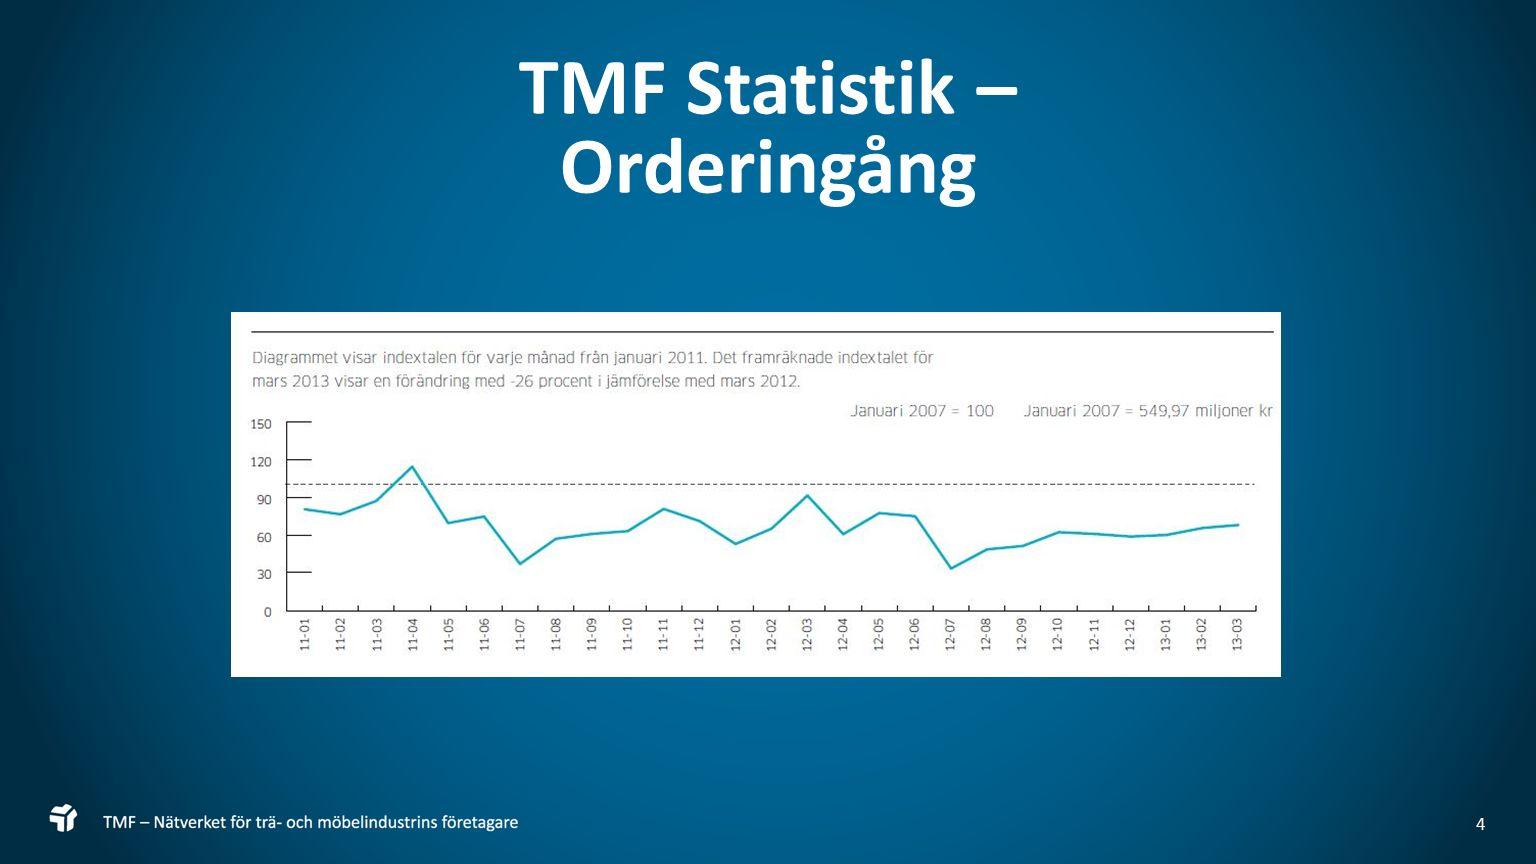 5 TMF och Boverket TMF har under året haft fortsatta kontakter med Boverket gällande: Ökade produktionskostnader på grund av ändrade regelverk Revidering av EKS för att reducera de negativa effekterna i och med Eurokod 5.